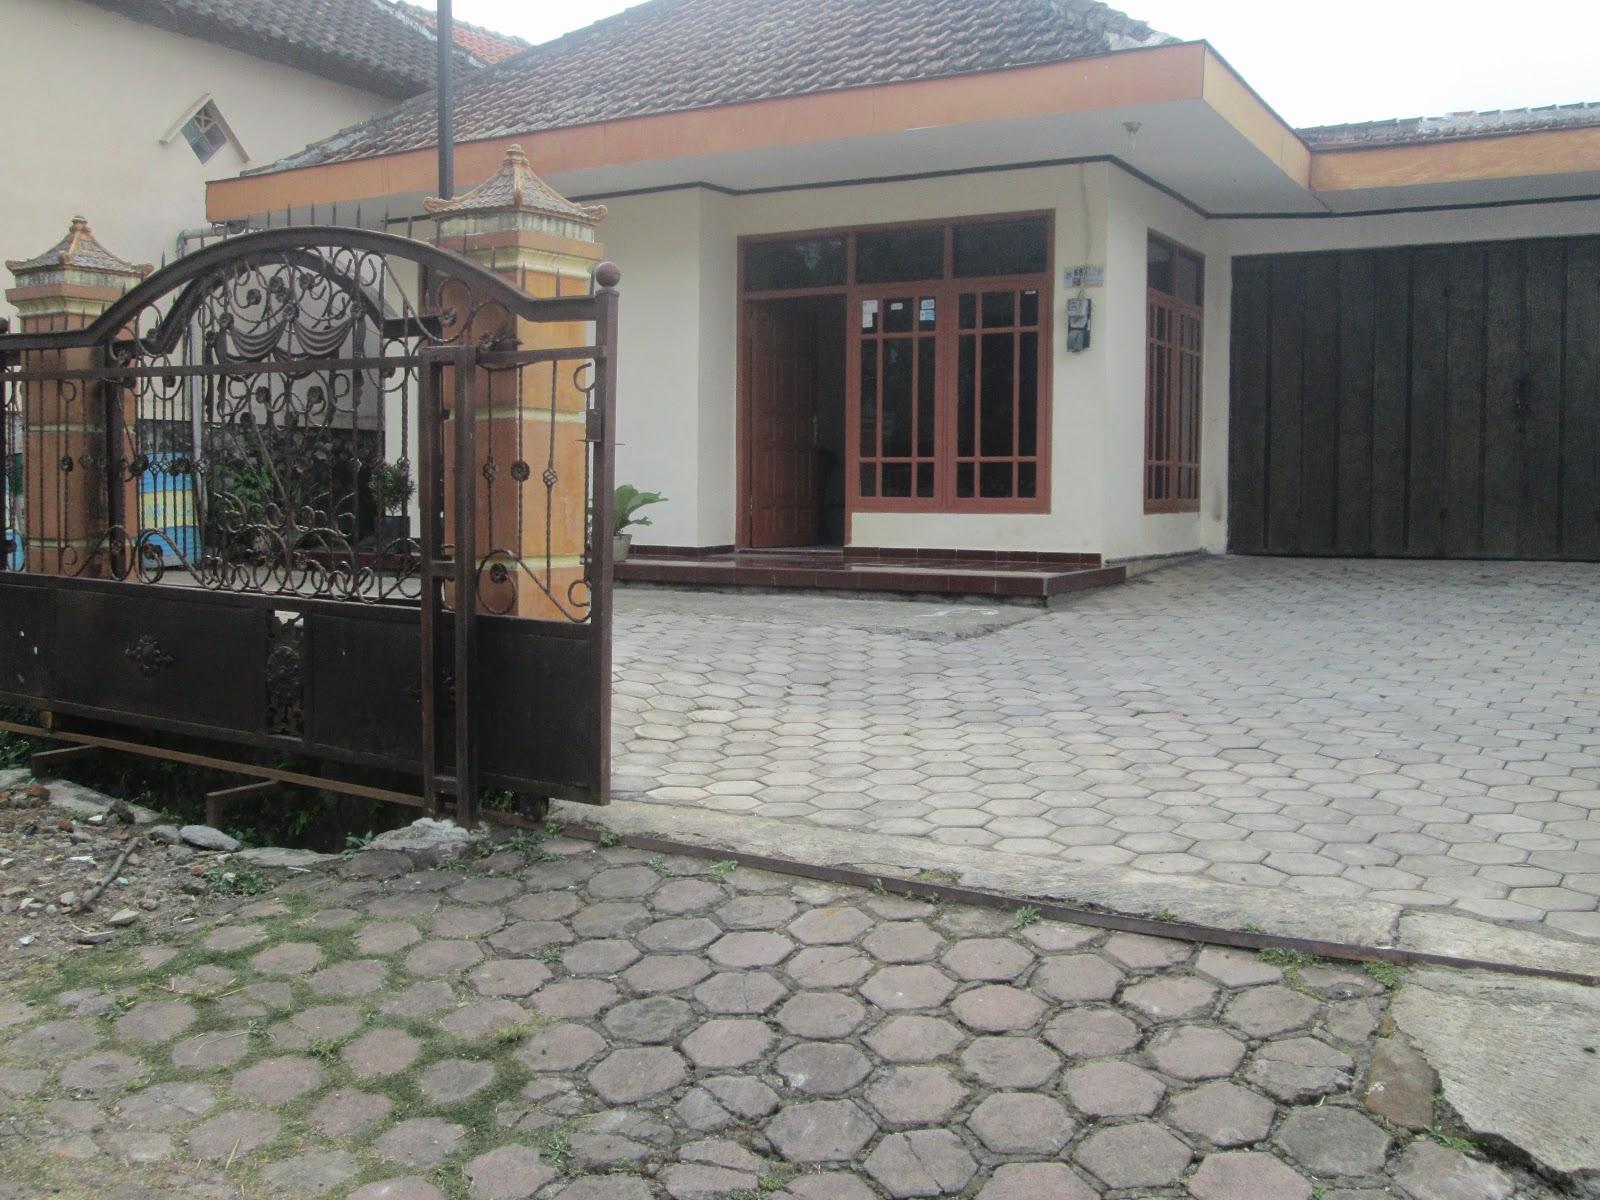 Villa Murah di batu malang merupakan salah satu homestay maupun penginapan yang terletak di kawasan batu night spectacular dan jatim park serta hanya berjarak 15 menit dari wisata terbaru museum angkut.